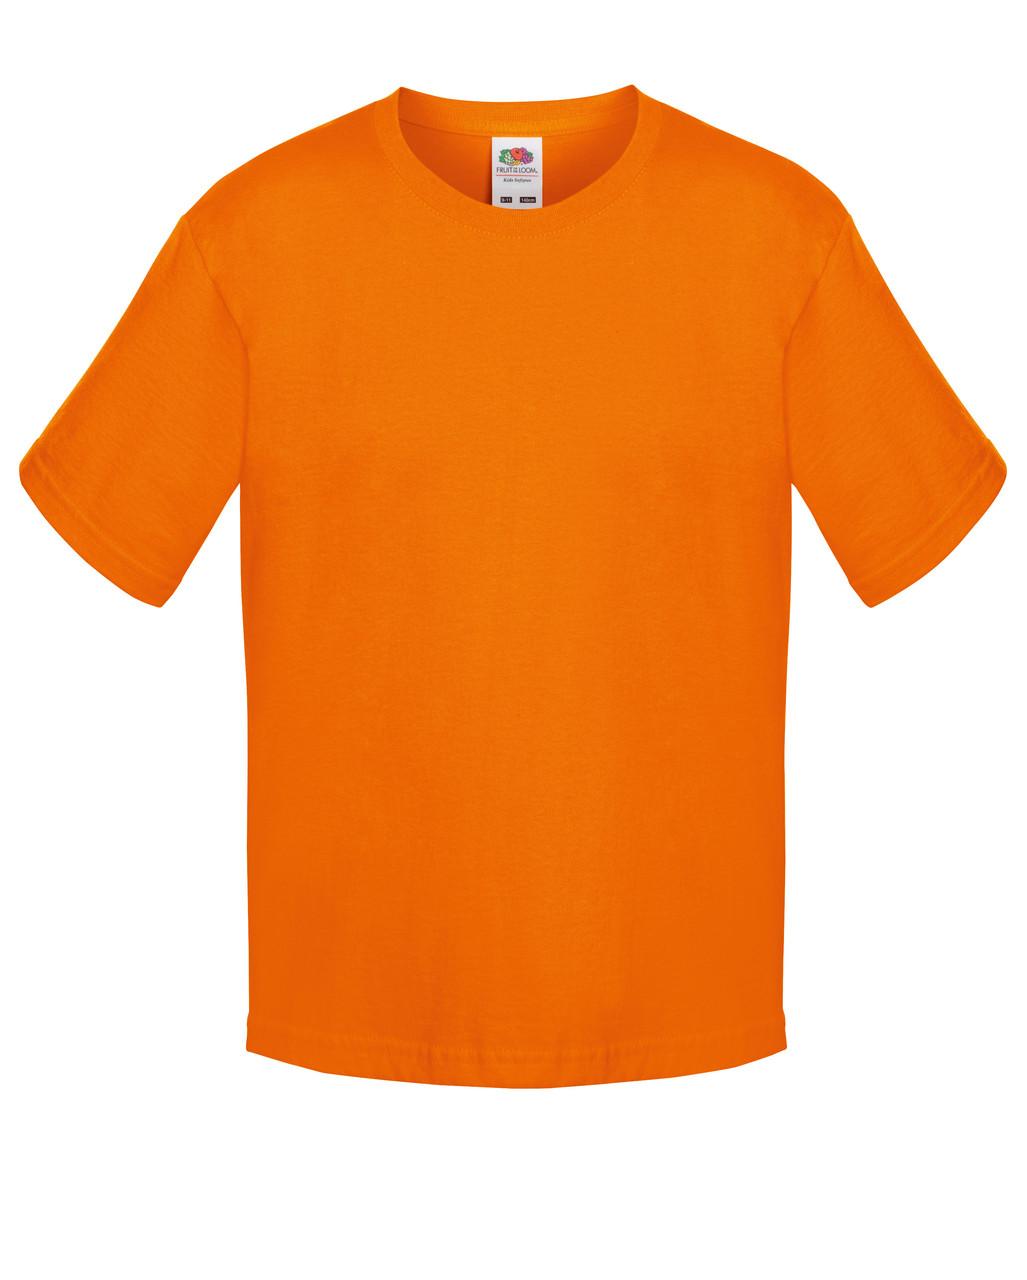 Детская футболка Мягкая для Мальчиков Оранжевая Fruit of the loom 61-015-44 7-8